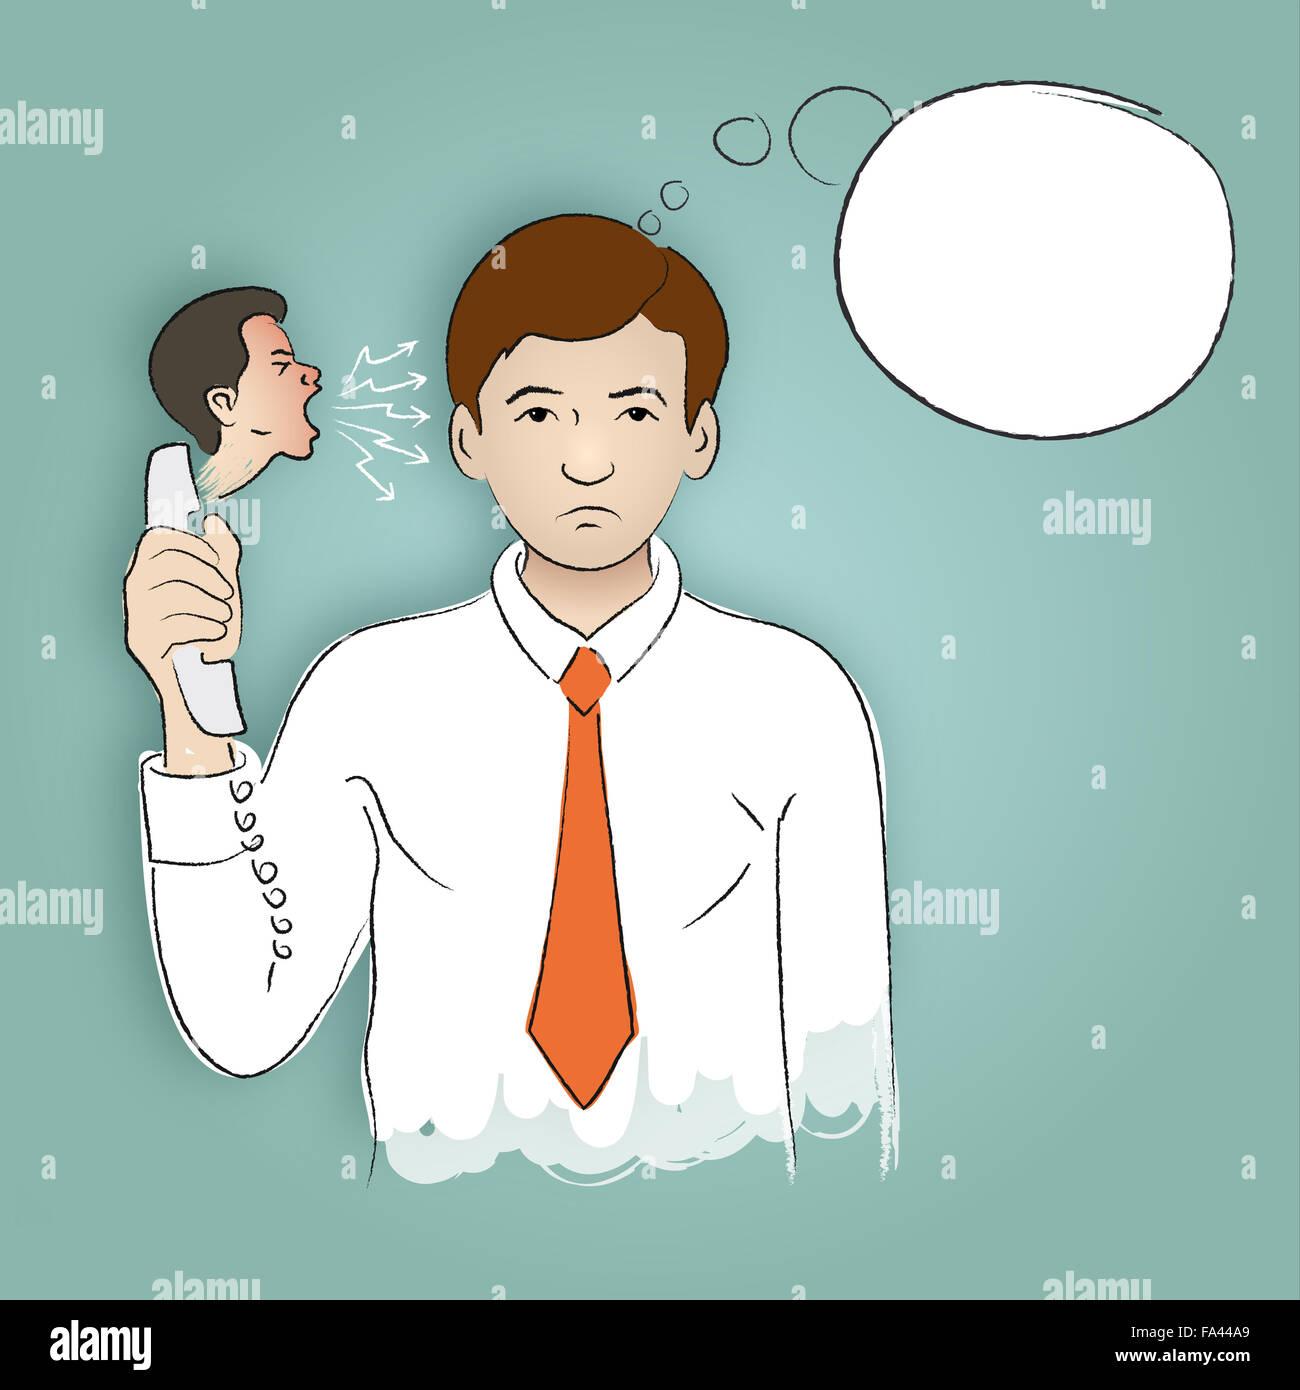 Disegno a mano libera che illustra un tempo chiamata, conversazione tra boss e sottostante, o a membri della famiglia Immagini Stock